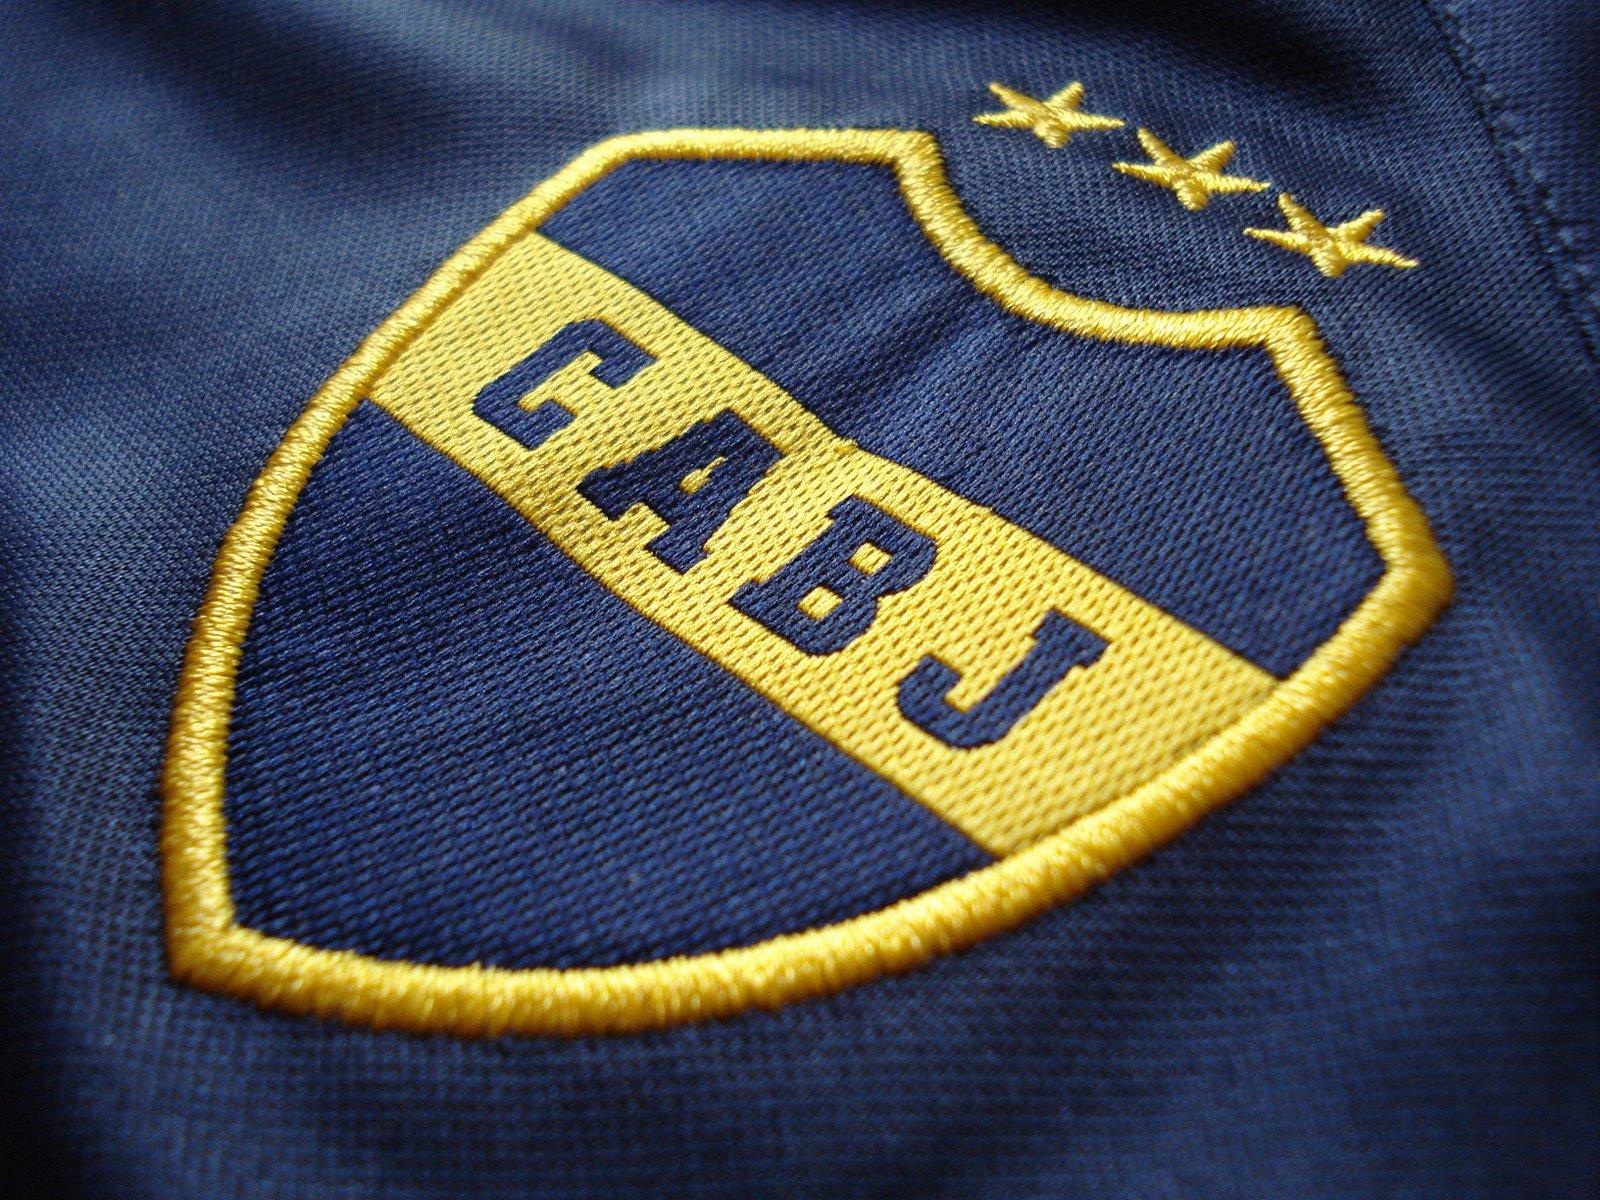 Fotos Diversas Fotos Do Boca Juniors A D on Boca Juniors Logo